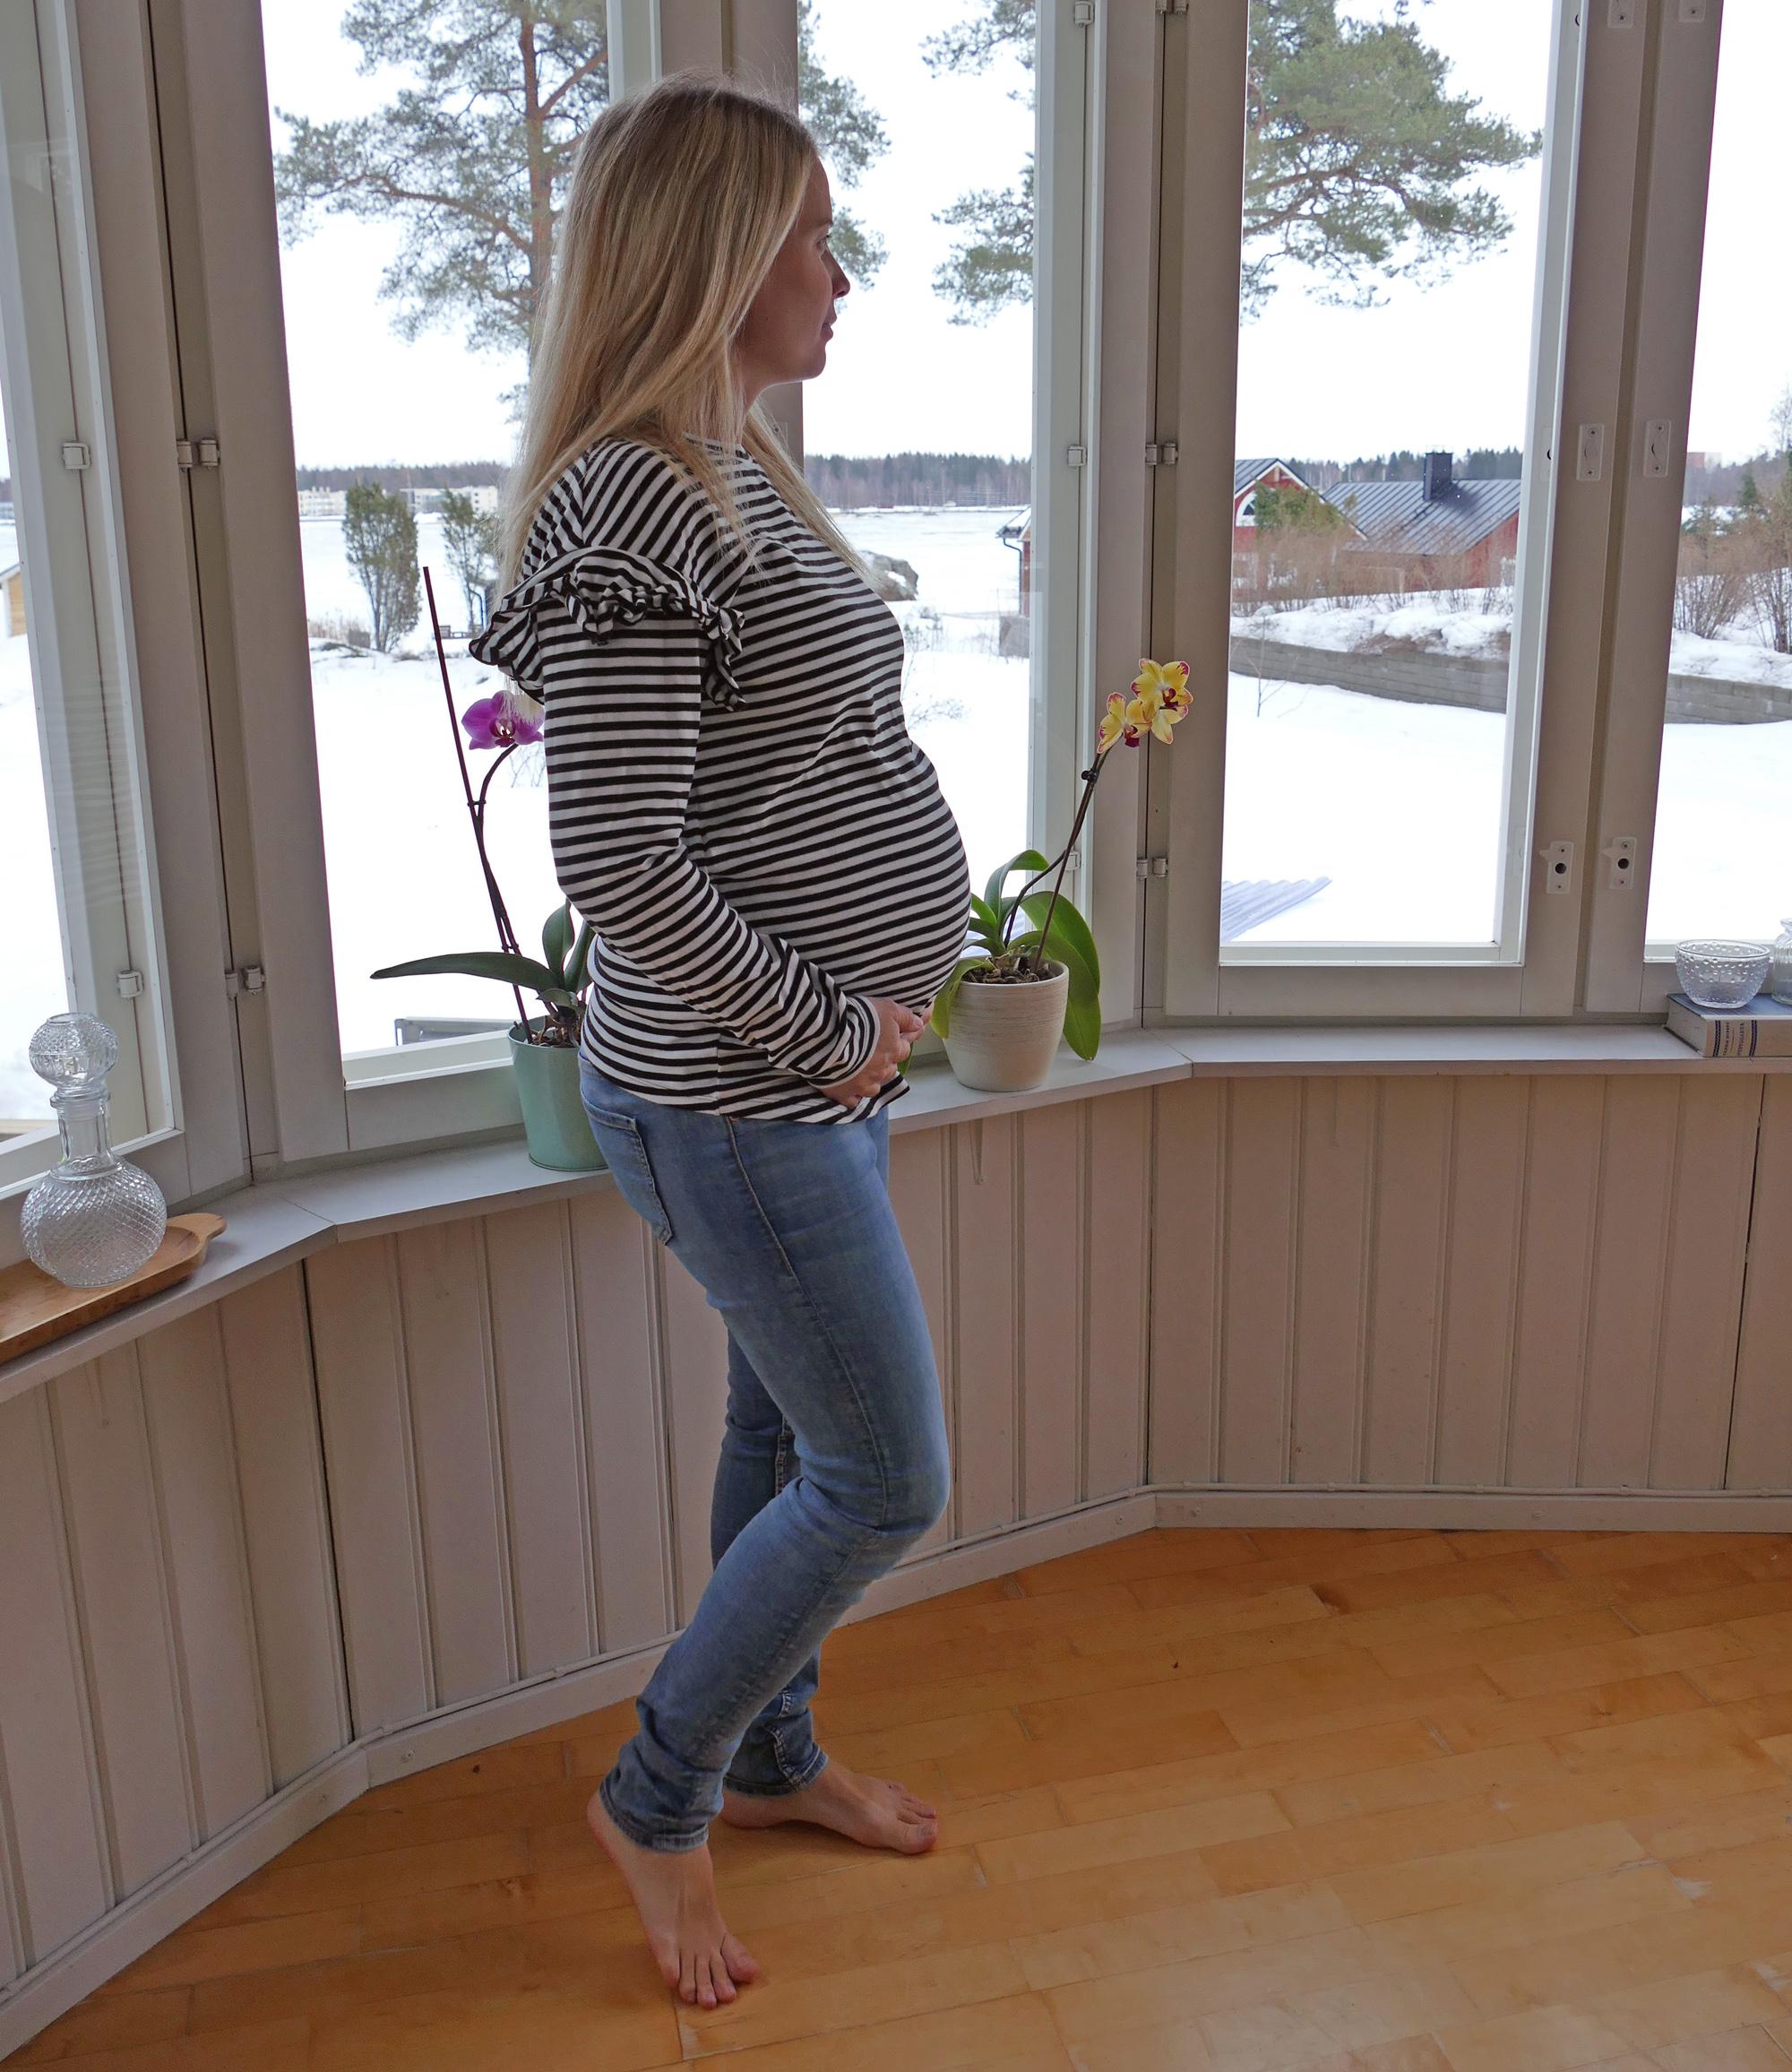 http://www.linabjorkskog.com/vardagligt/gravid-vecka-30